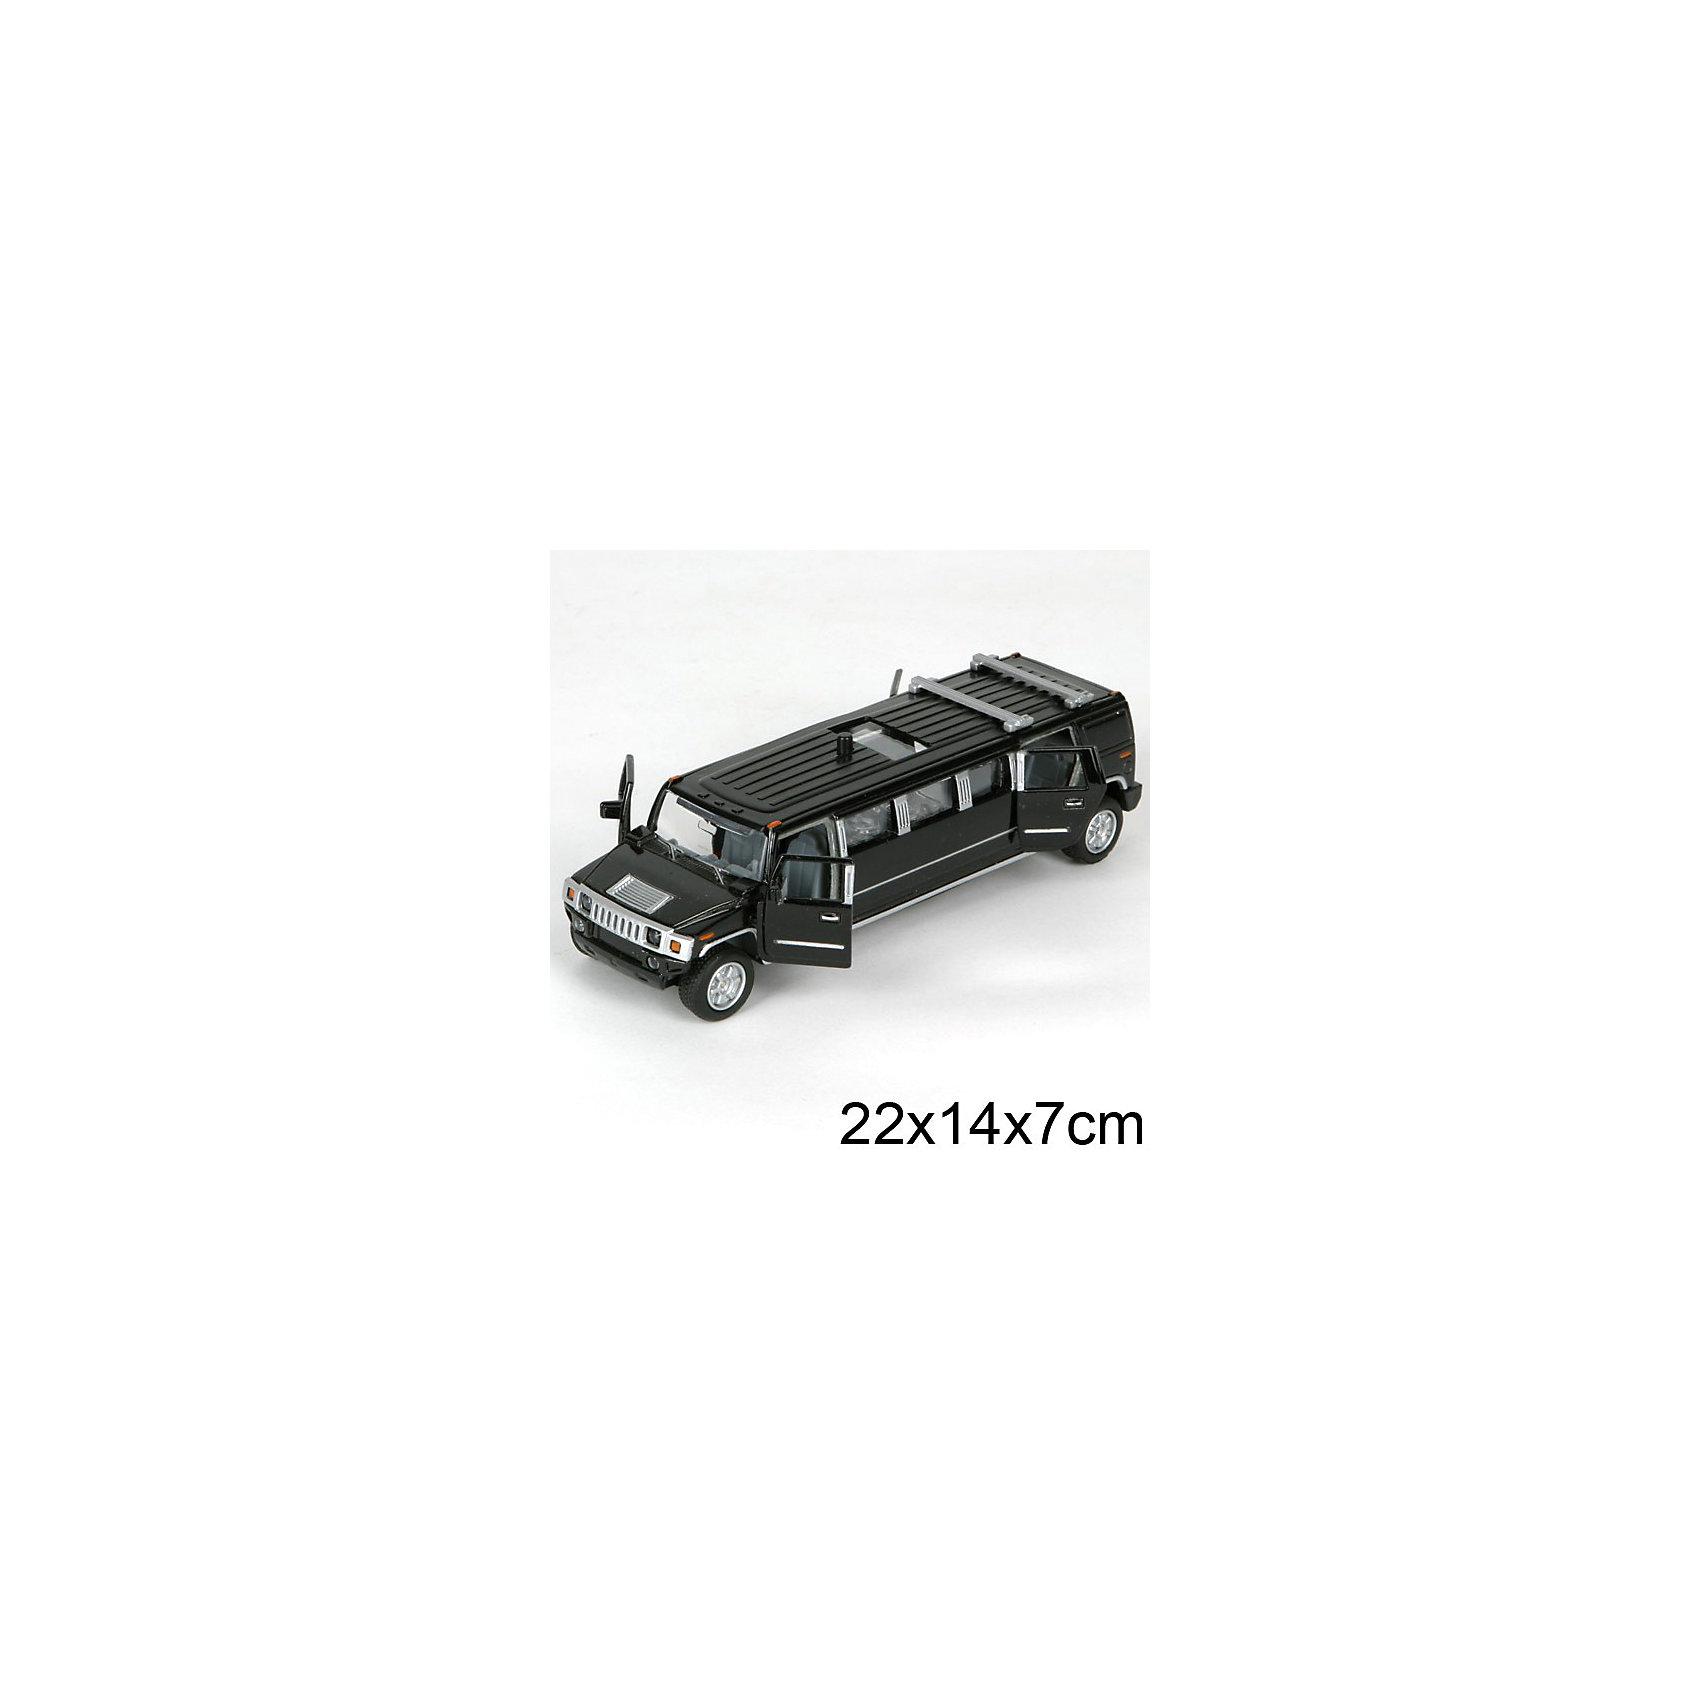 ТЕХНОПАРК ЛимузинТЕХНОПАРК Лимузин<br><br>Характеристики:<br><br>- Размер: 170х45х50 мм.<br>- Материал: металл, пластик<br>- Инерционный механизм.<br>- Вес: 340 г.<br>- Цвет: черный.<br><br>ТЕХНОПАРК Лимузин, выполнена из пластика и металла. Модель имитирует автомобиль Лимузин. Передние и задние двери машины, а также люк открываются; колеса прорезинены. При нажатии кнопки на крыше лимузина салон начинает подсвечиваться и воспроизводится веселая мелодия или характерные для машинки звуки. В комплект входят демонстрационные батарейки. Игрушка оснащена инерционным ходом. Машинку необходимо отвести назад, затем отпустить - и она быстро поедет вперед. Реалистичный дизайн этой машинки понравится ребенку и она станет отличным пополнением коллекции. <br><br>ТЕХНОПАРК Лимузин можно купить в нашем интернет – магазине.<br><br>Ширина мм: 70<br>Глубина мм: 250<br>Высота мм: 130<br>Вес г: 340<br>Возраст от месяцев: 36<br>Возраст до месяцев: 1188<br>Пол: Мужской<br>Возраст: Детский<br>SKU: 2240458